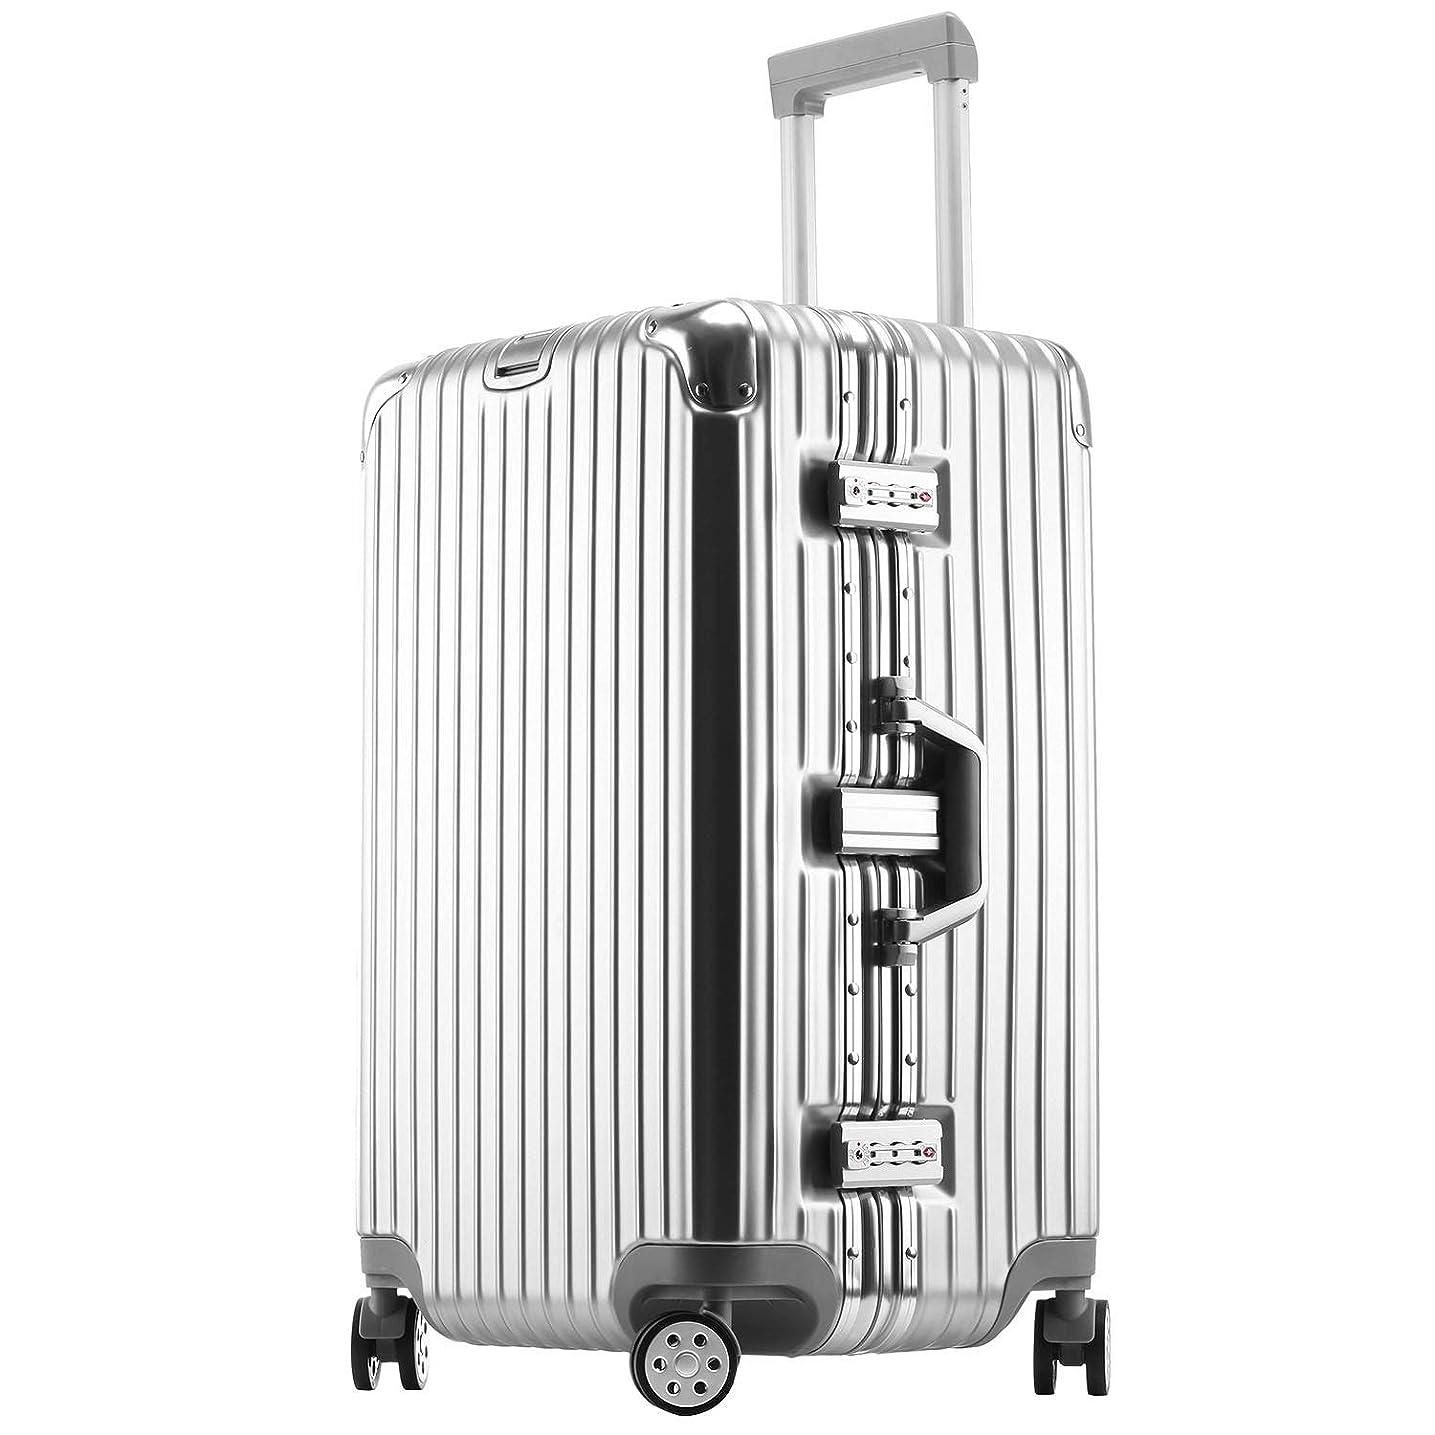 窒息させるキャンバスメニューボンイージ(bonyage) スーツケース アルミフレーム 拡張 大型 8輪キャスター TSAロック 付日本語取扱説明書 旅行出張 1年保証